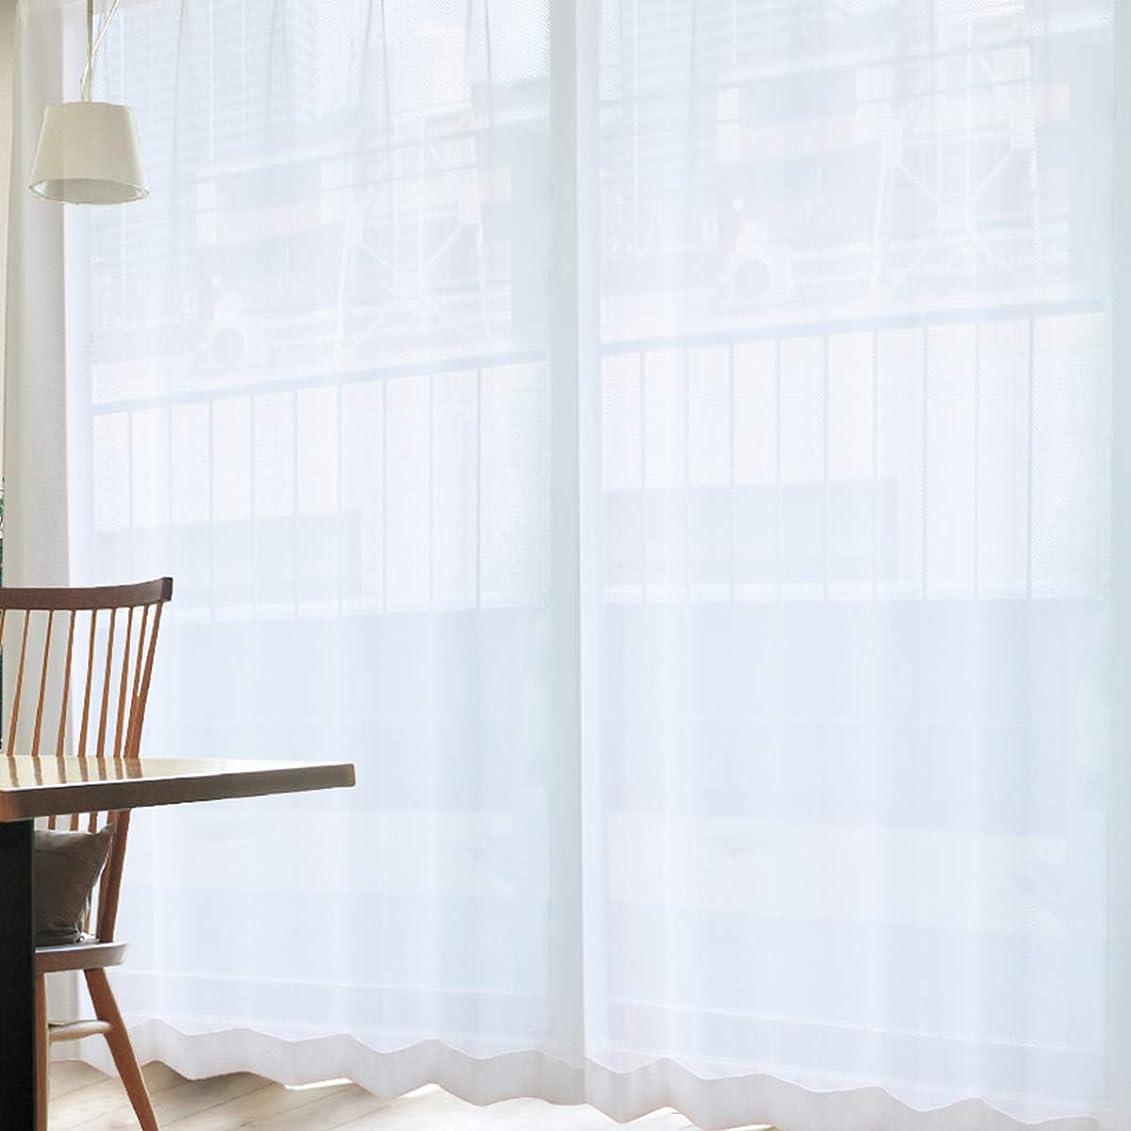 お茶コントロール減衰[カーテンくれない] 中から見えて外から見えにくい! マジックミラーレースカーテン (紫外線カット 断熱 遮熱効果 防炎加工済み ) 色:オフホワイト サイズ:(幅)100cm×(丈)176cm×2枚組